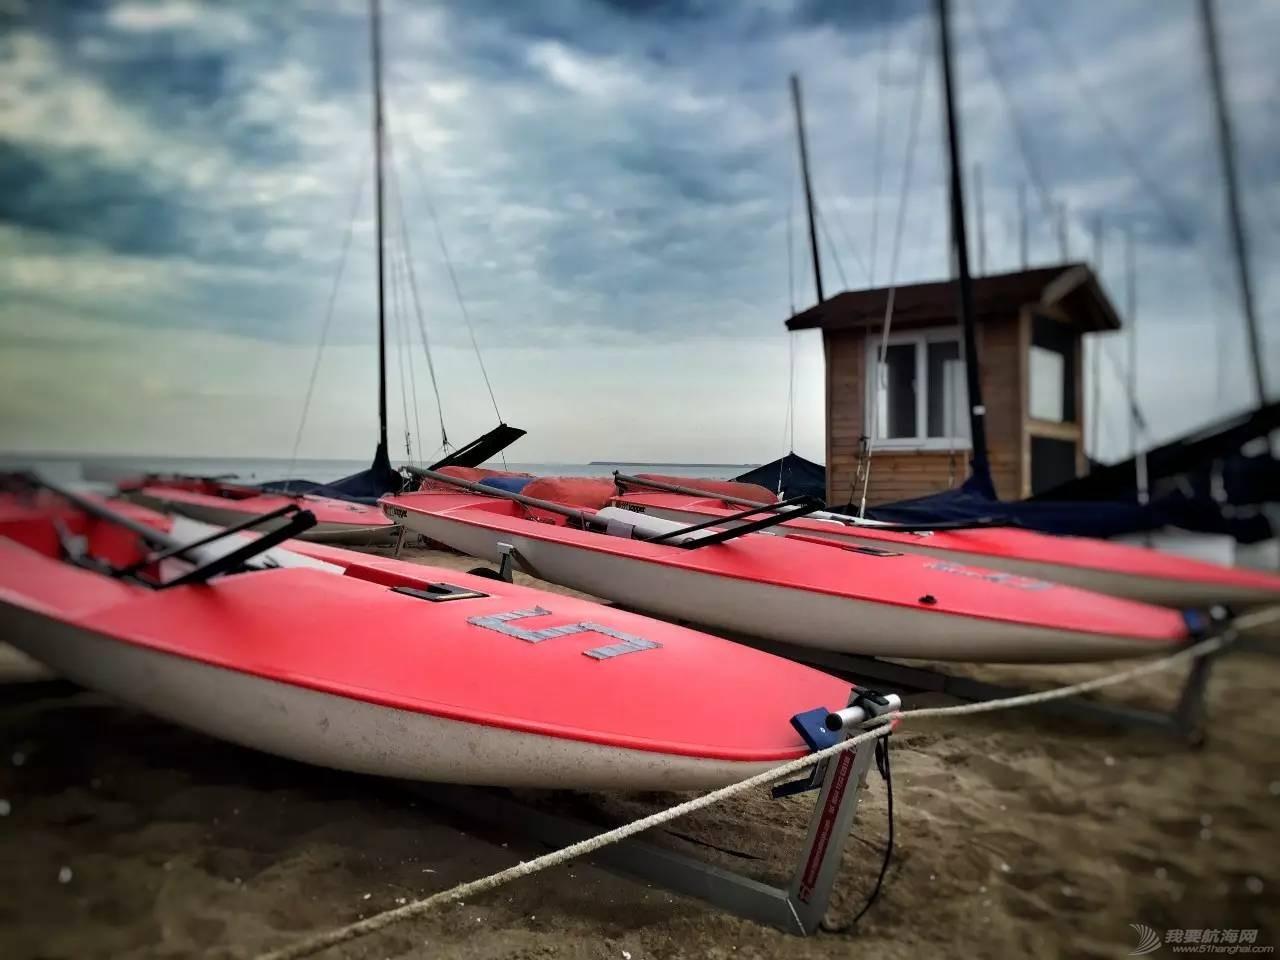 为什么要让孩子去学习小帆船 09ec99adc7180d70af84f867d21a2c62.jpg